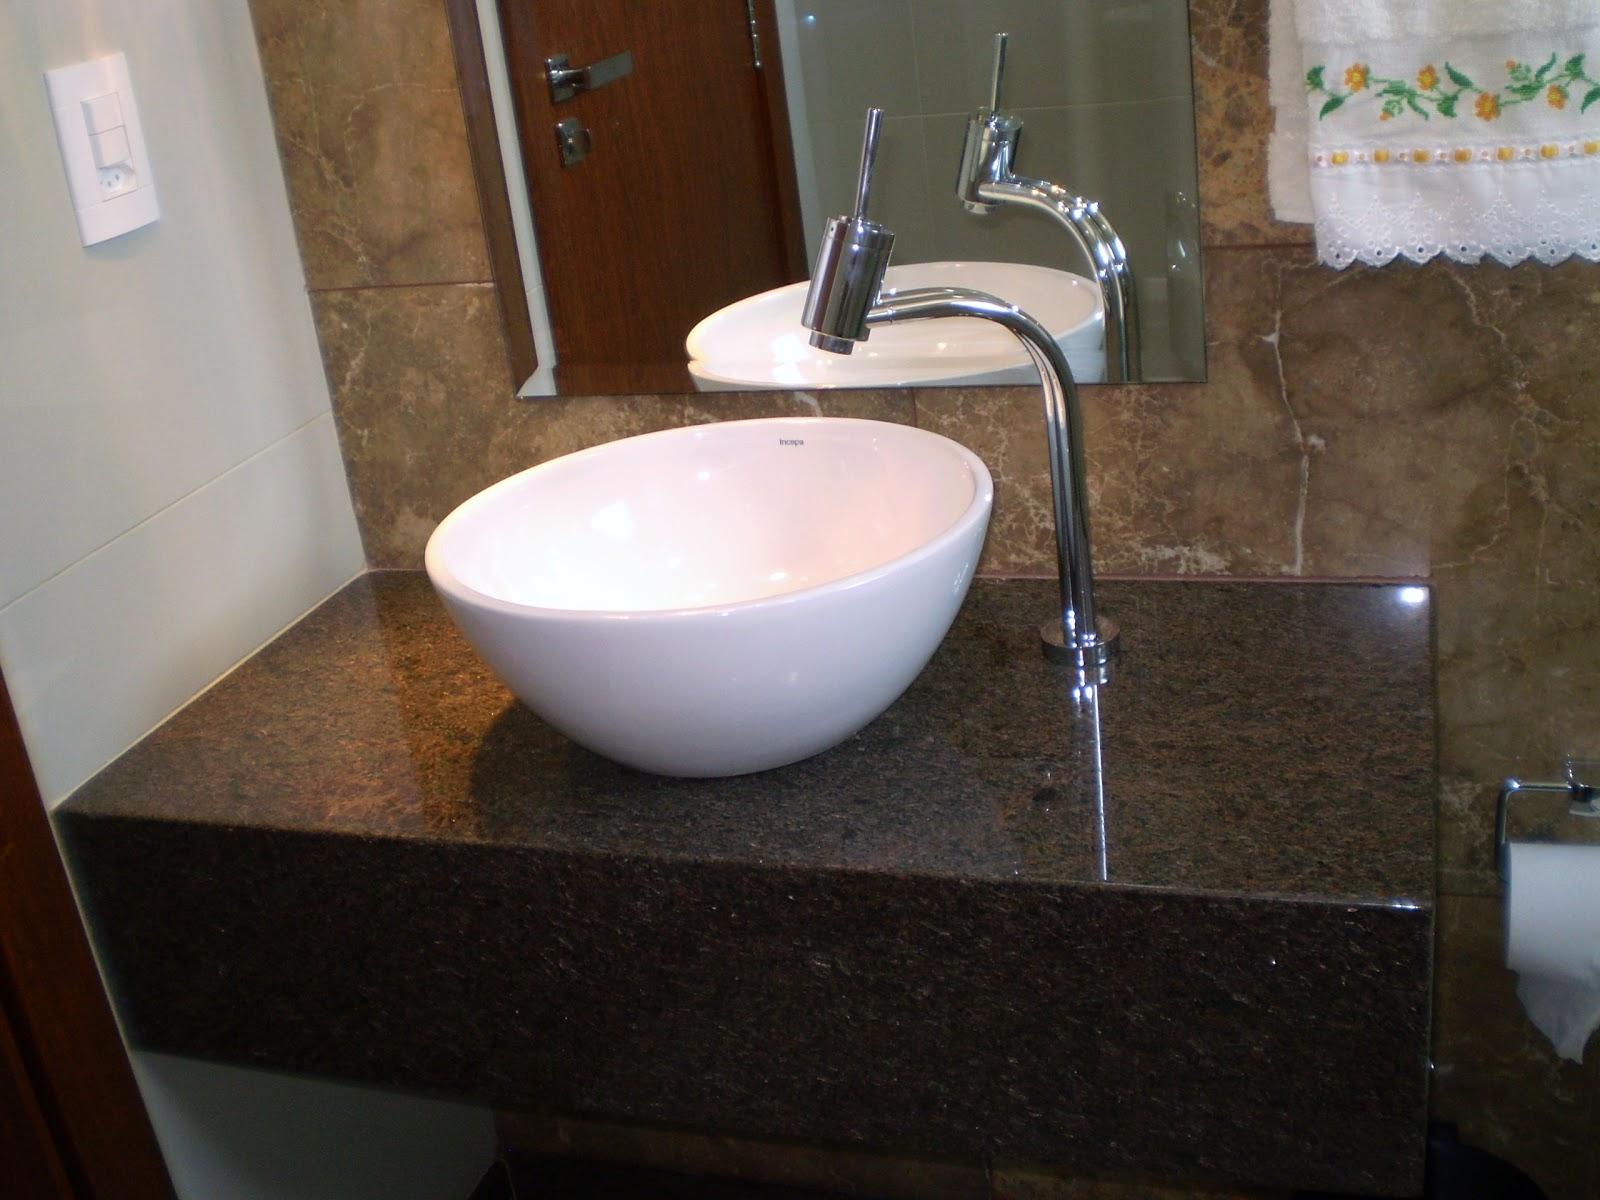 #624C38  banheiro pra vcs só não tinha mostrado depois de colocado o espelho 1600x1200 px bancada de cafe @ bernauer.info Móveis Antigos Novos E Usados Online